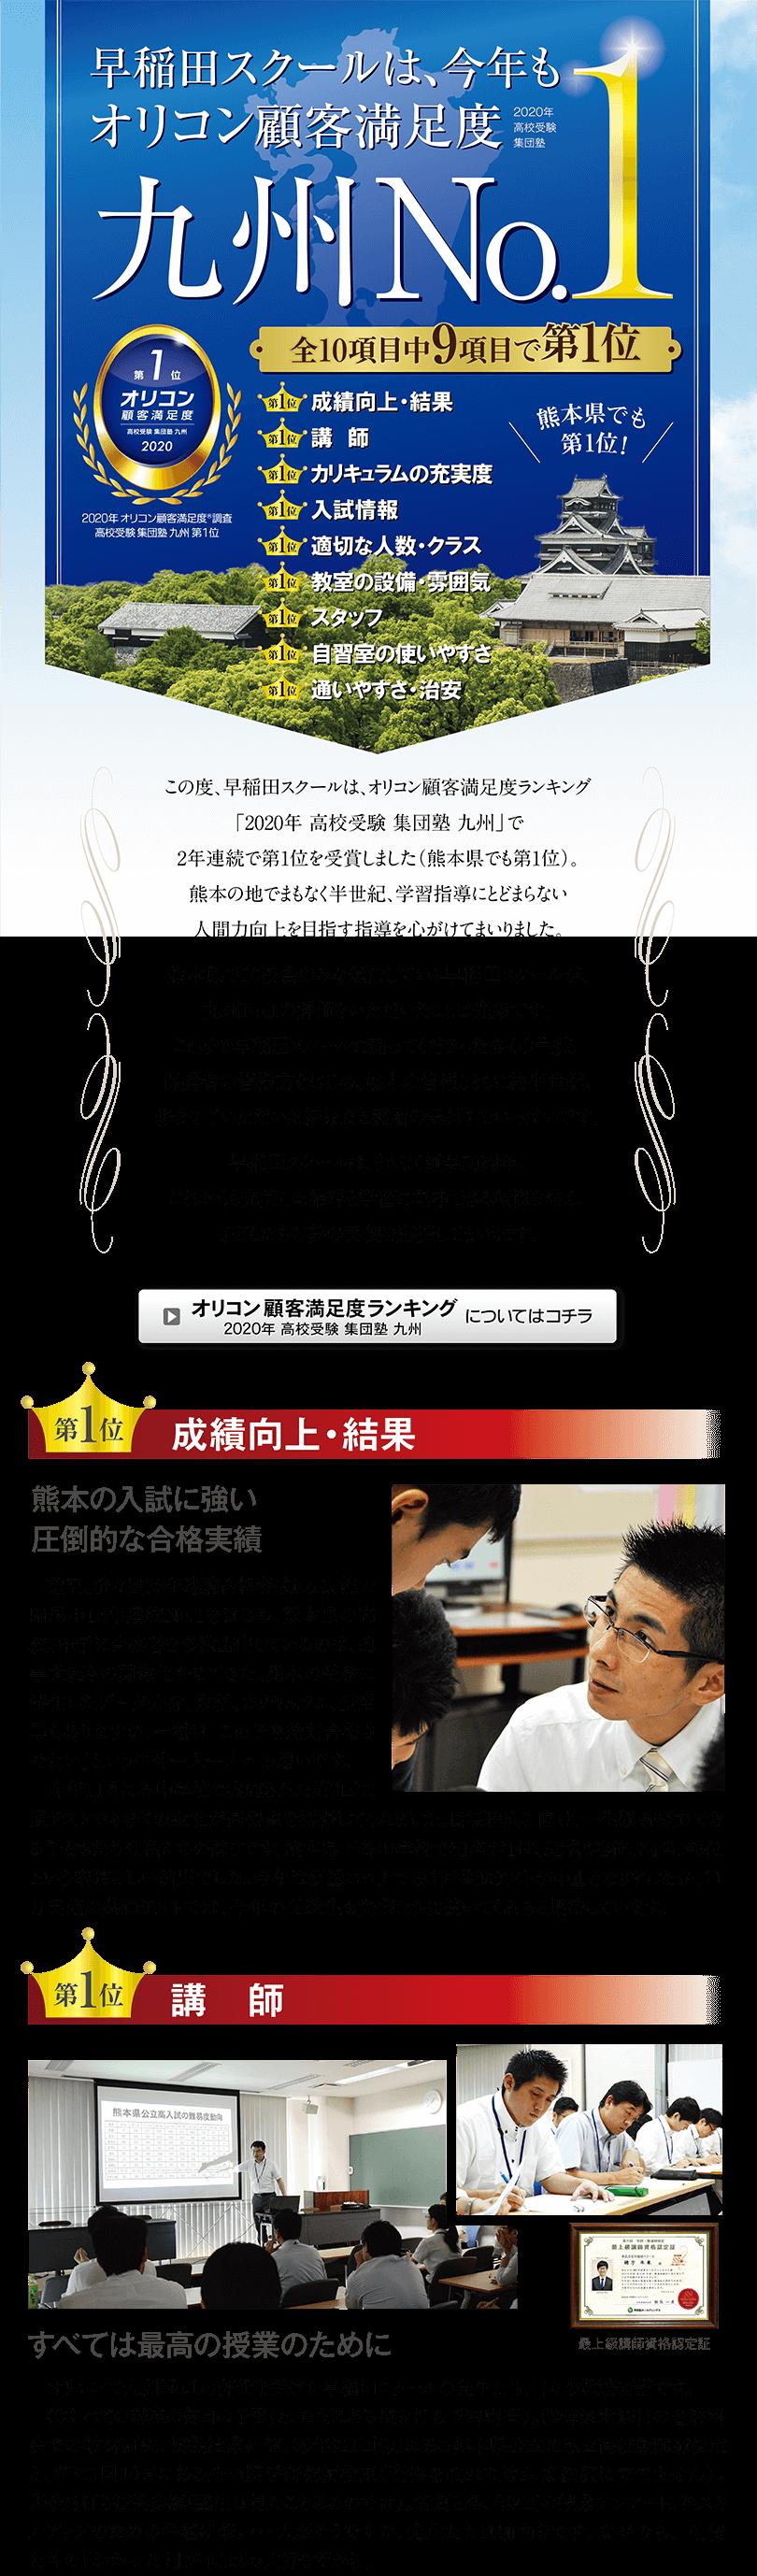 早稲田スクールは、2020年 オリコン顧客満足度調査 九州 第1位